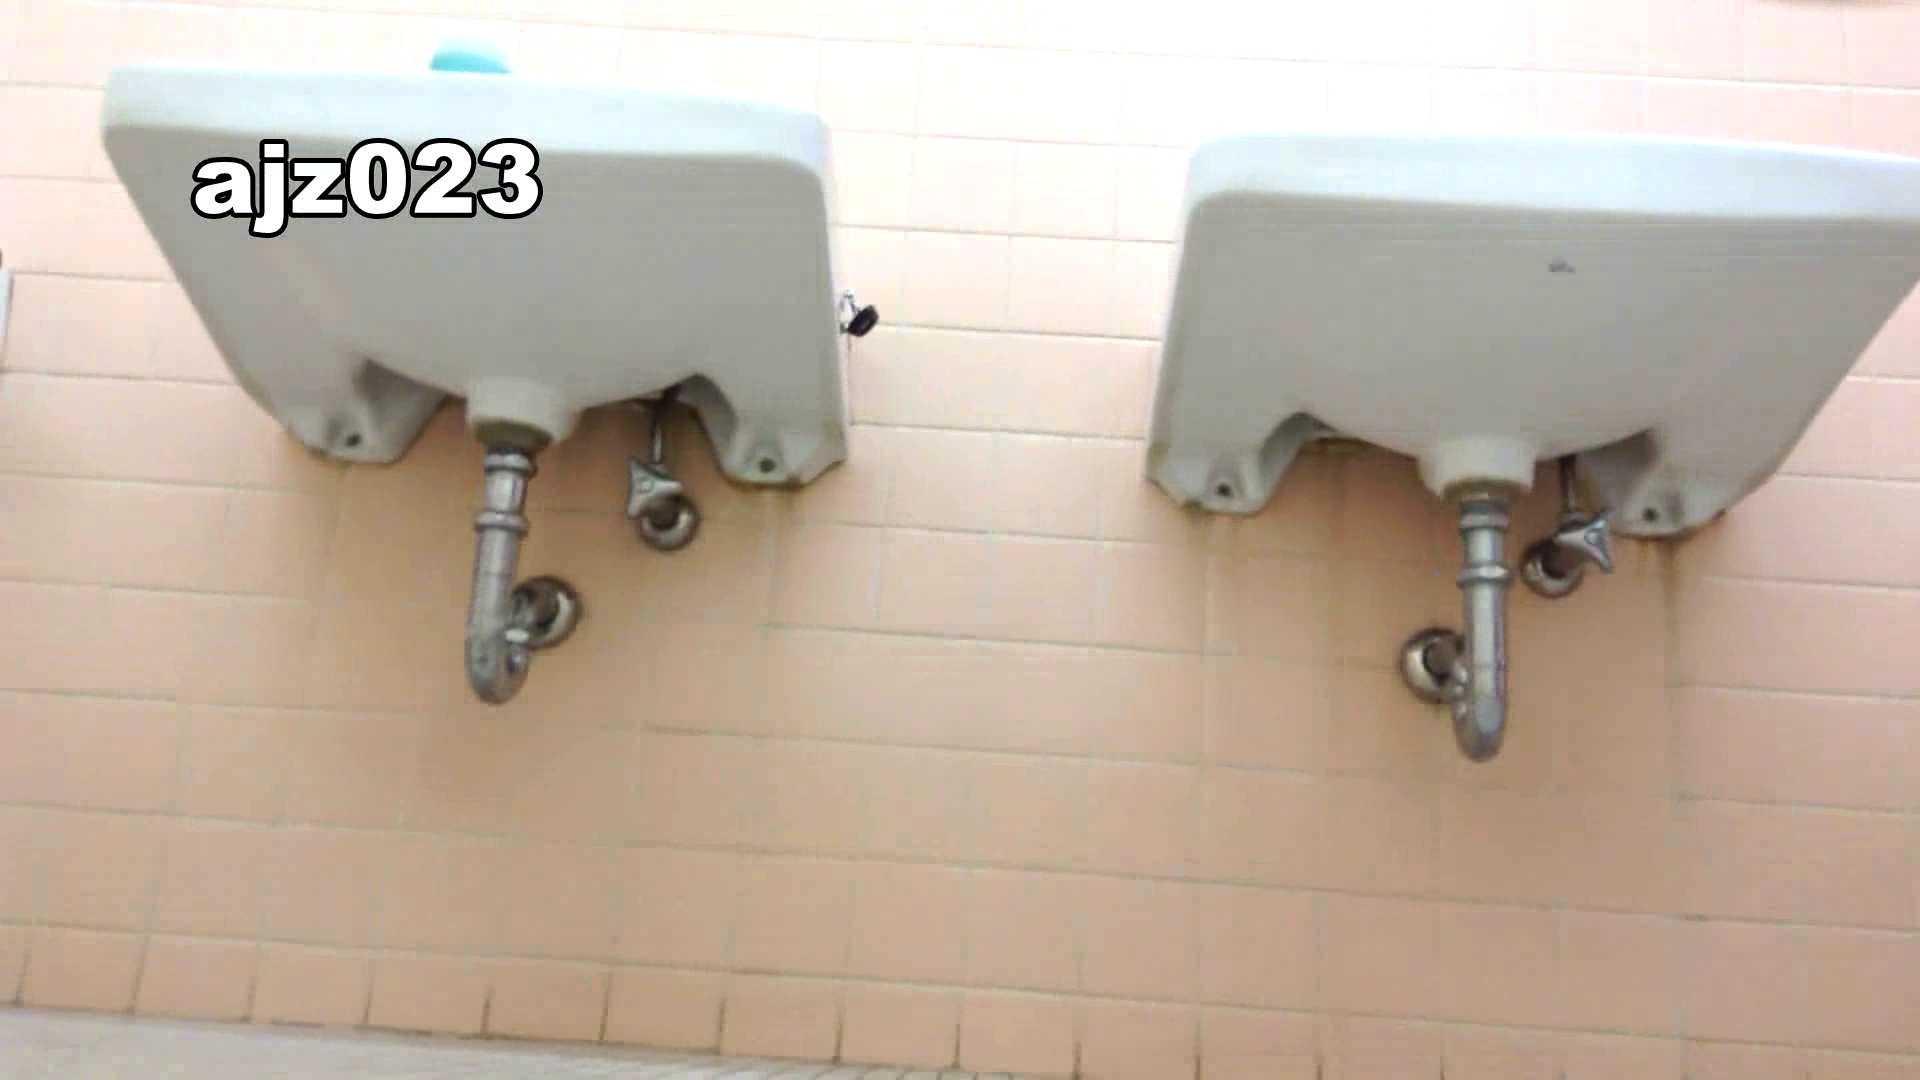 某有名大学女性洗面所 vol.23 洗面所 | HなOL  98pic 58